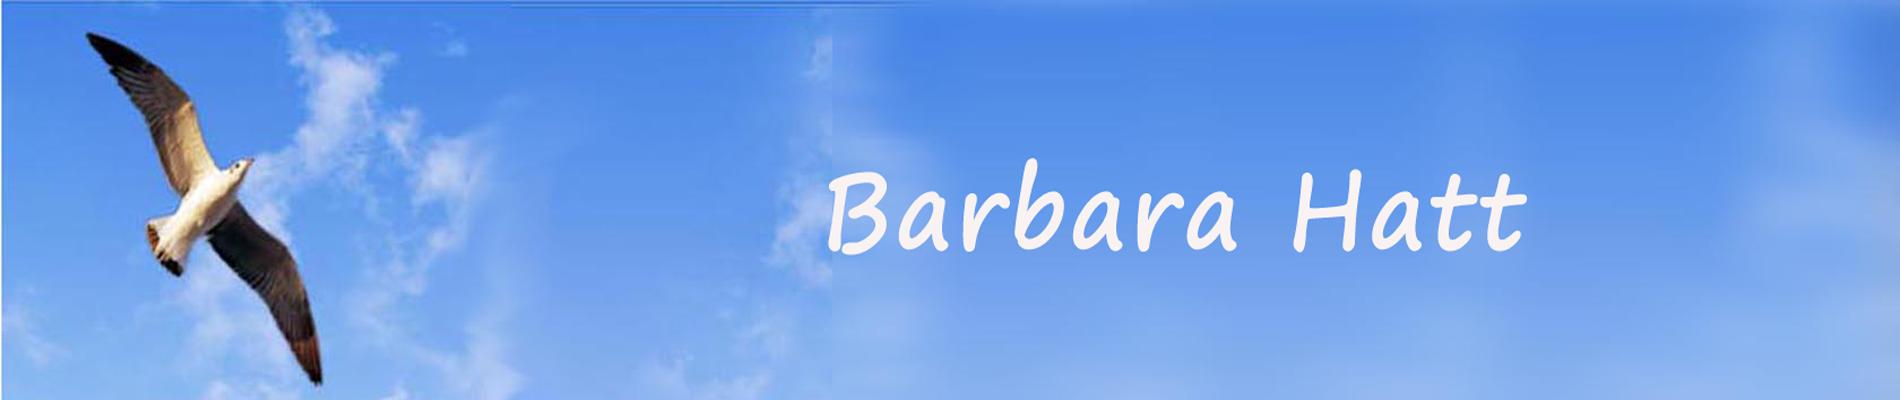 Barbara Hatt